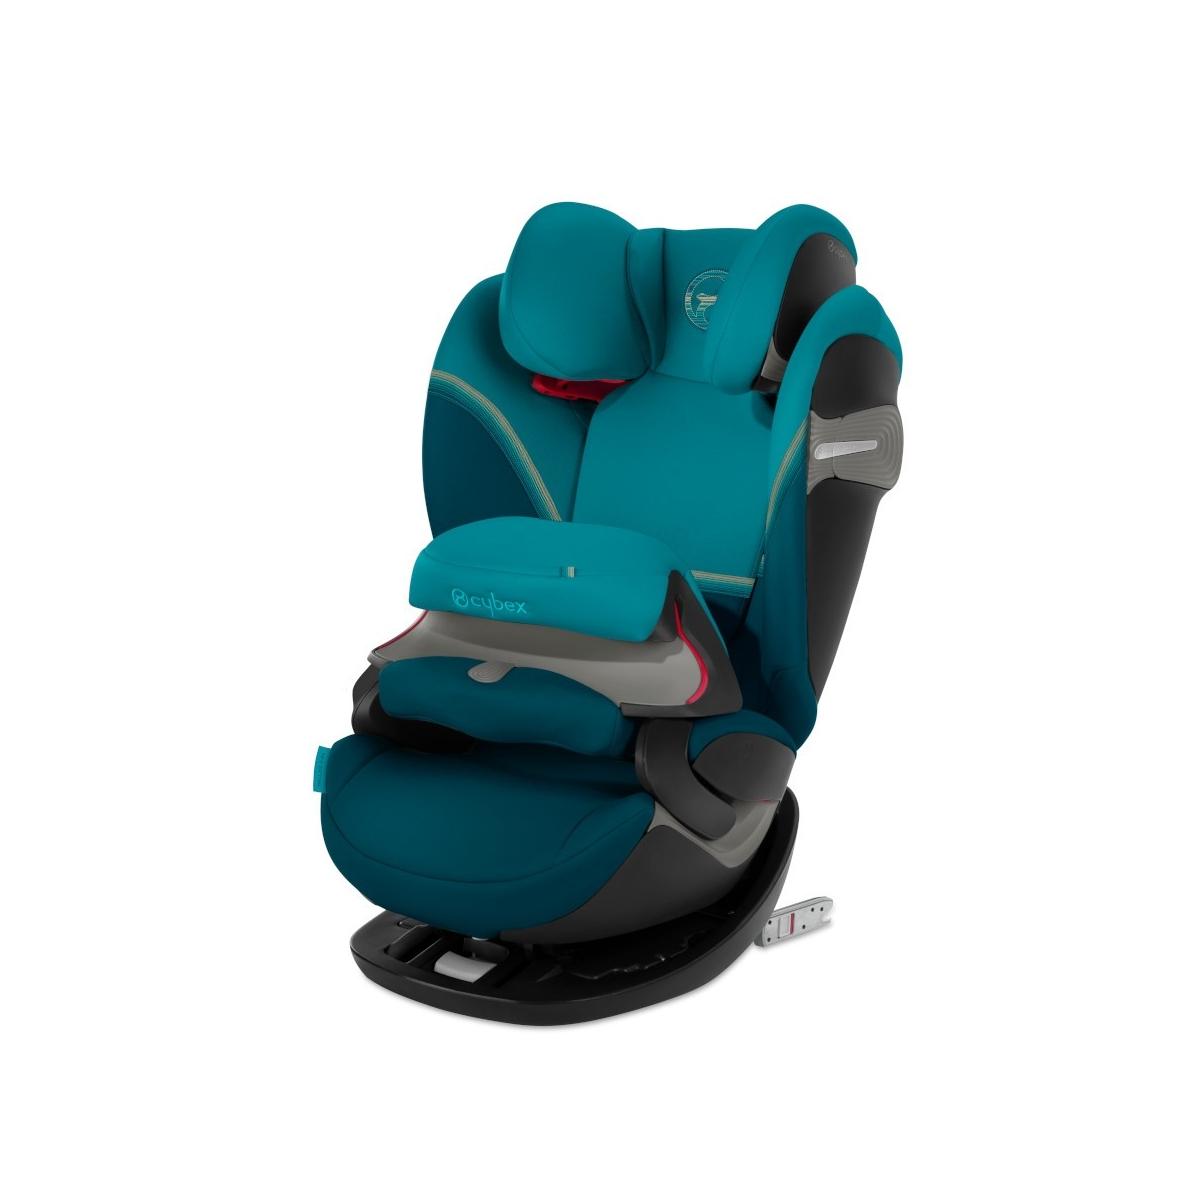 Cybex Pallas S-Fix ISOFIX Car Seat-River Blue (2021)